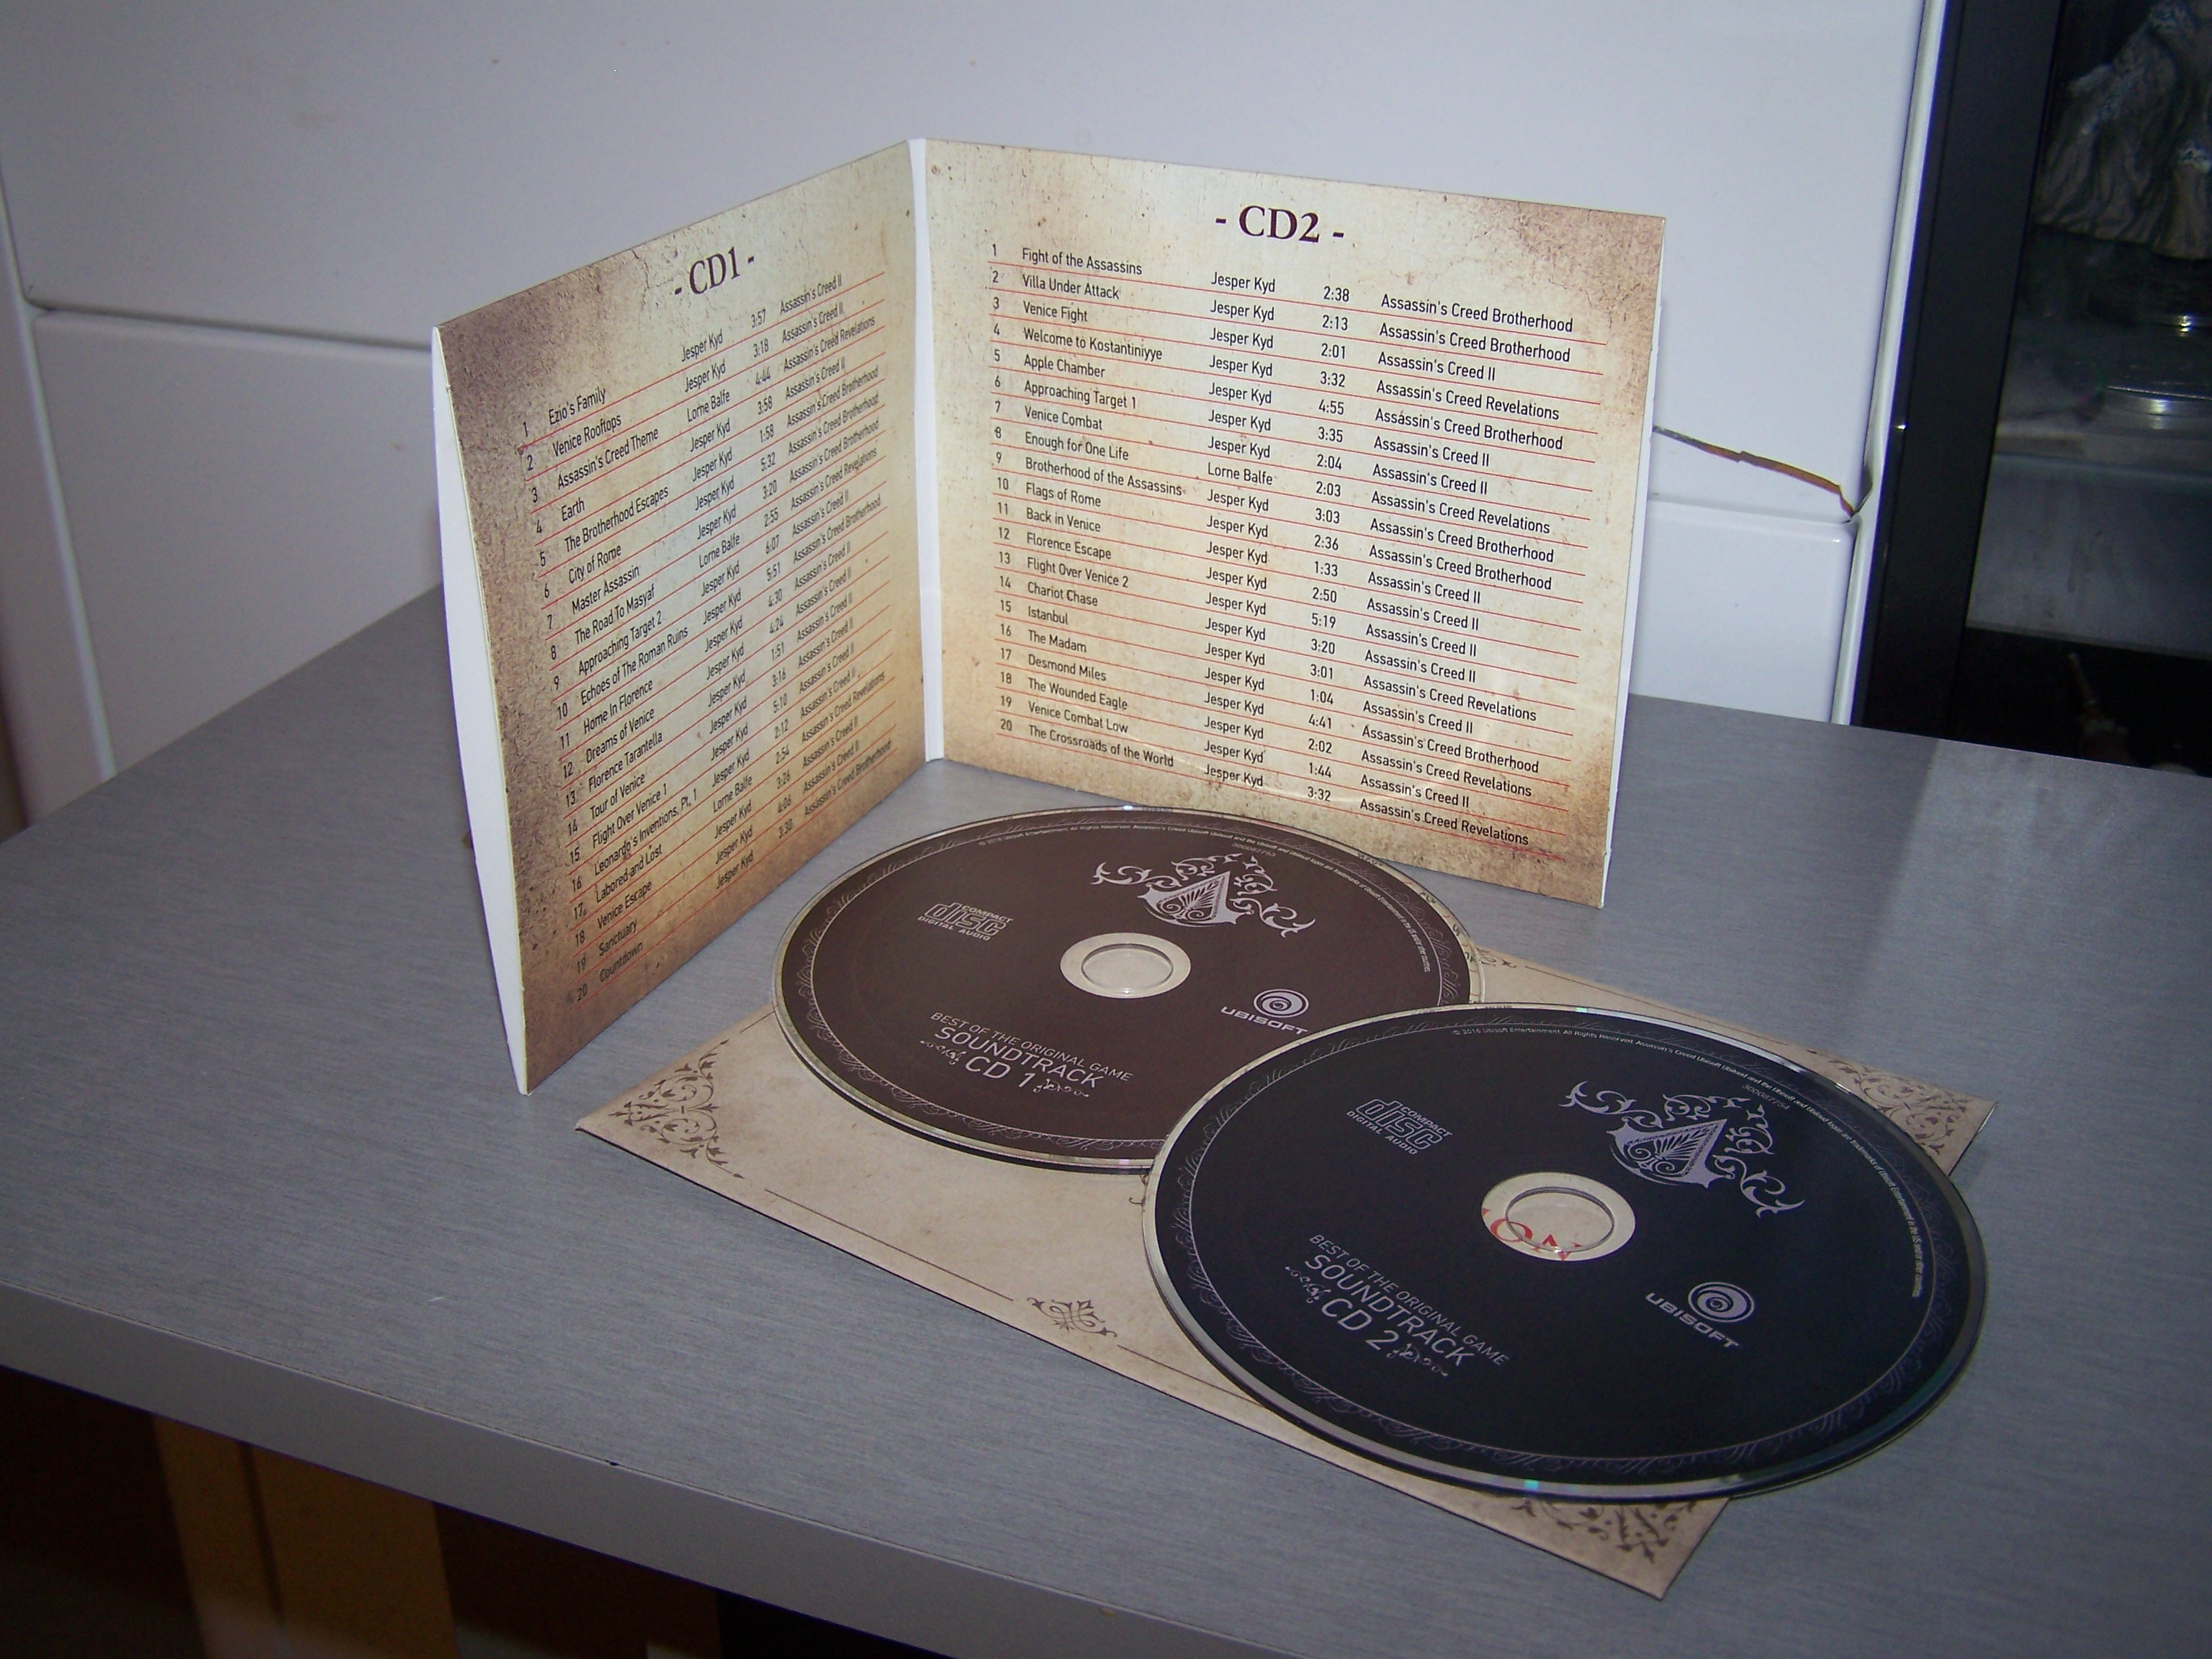 Assassin's Creed Ezio Collection OST contenu